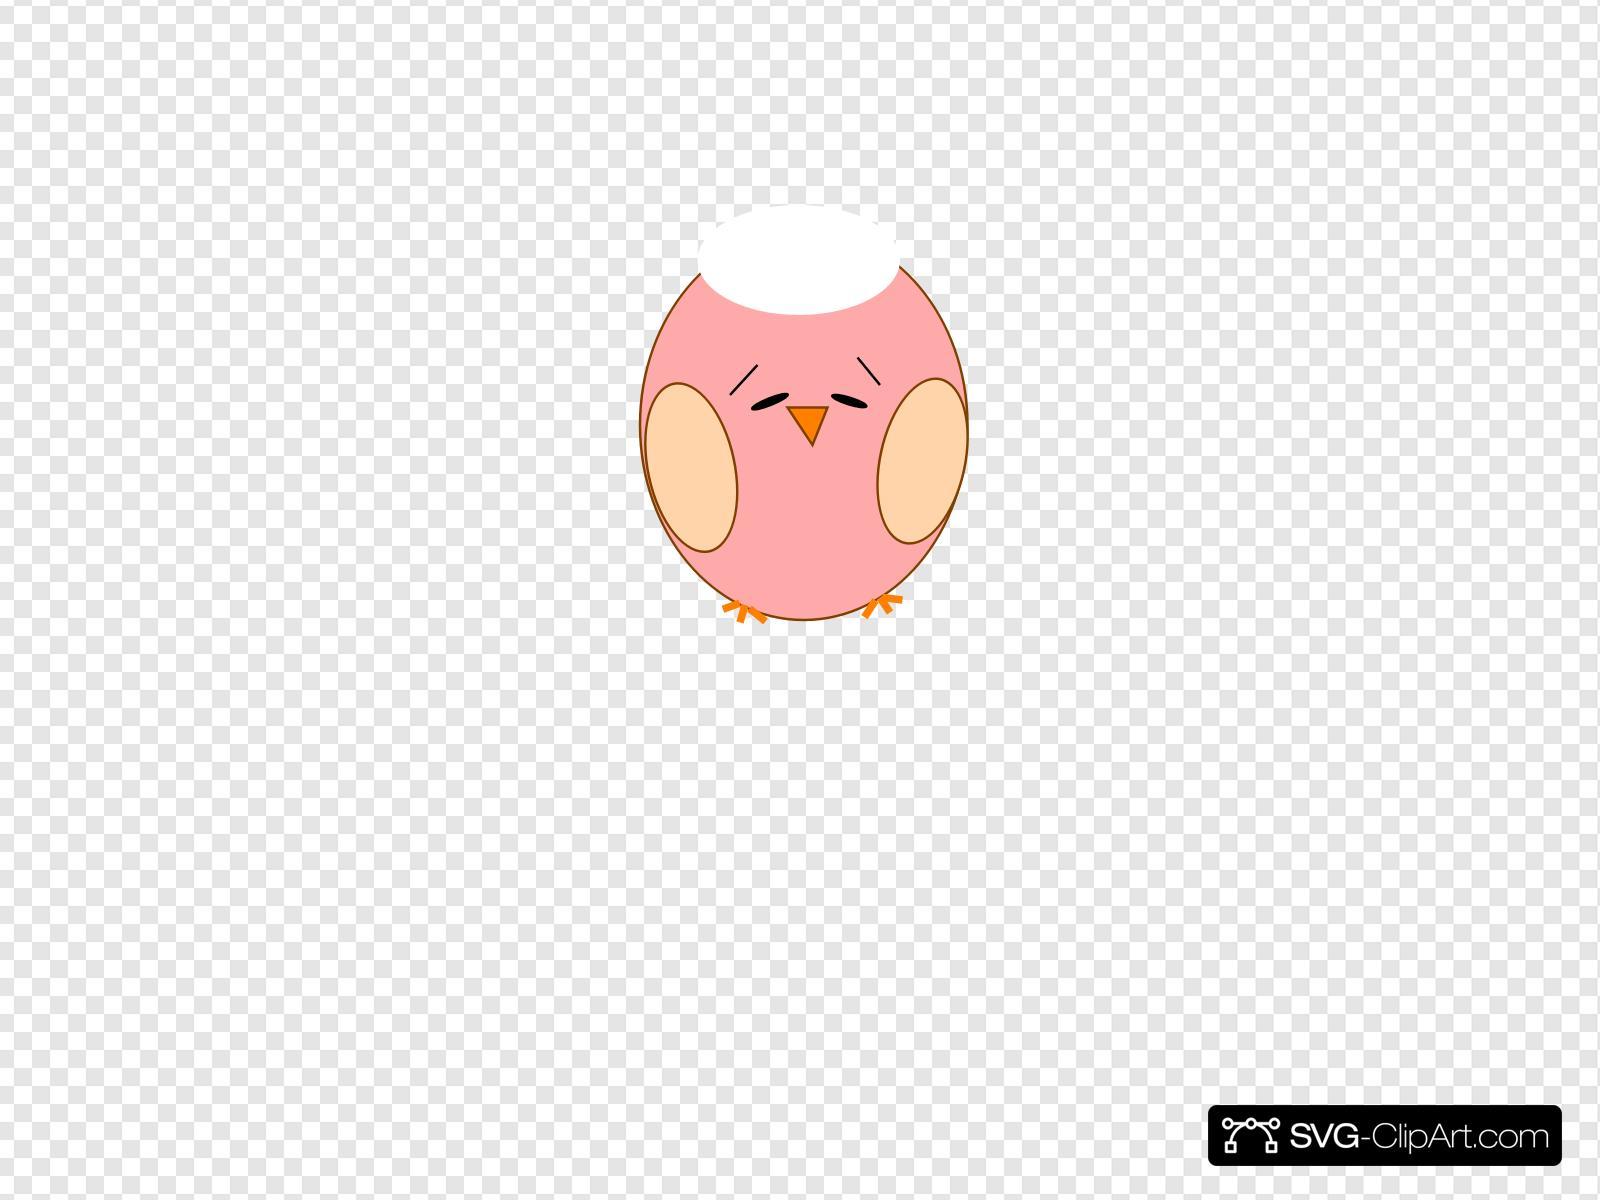 Sad owl clipart jpg download Sad Owl Clip art, Icon and SVG - SVG Clipart jpg download